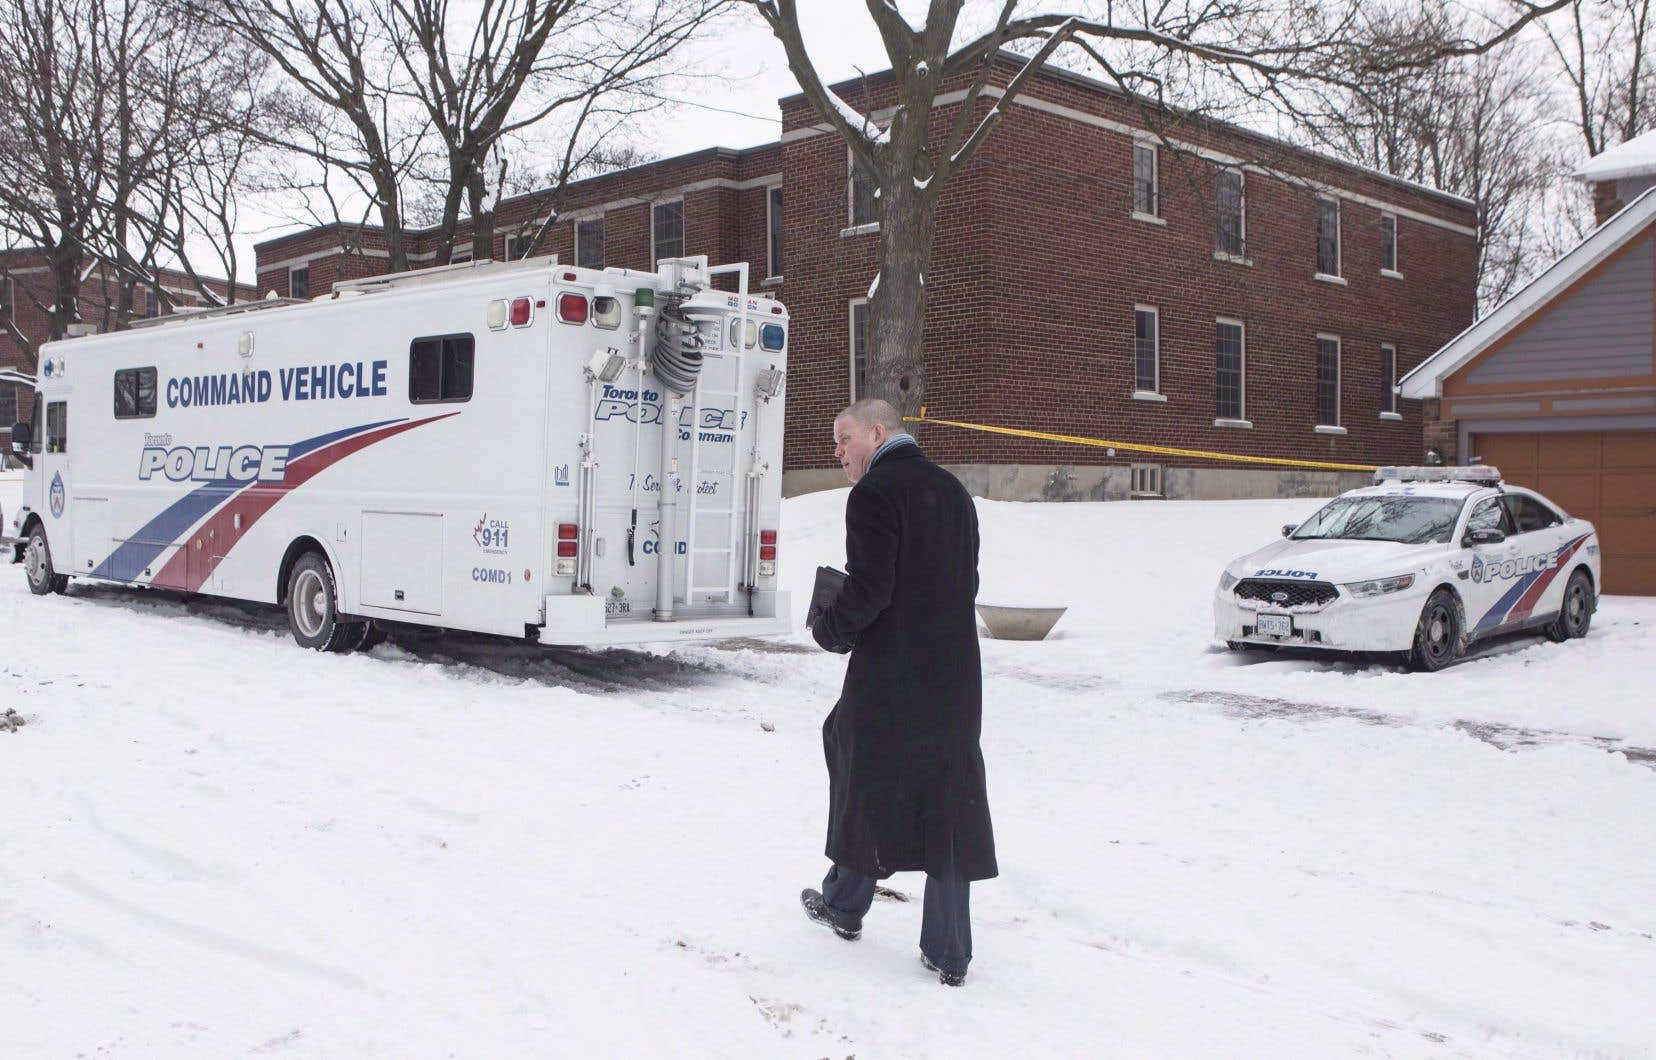 La police a jusqu'à présent identifié les restes de trois hommes trouvés dans de gros pots à fleurs sur une propriété où M.McArthur faisait de l'aménagement paysager.